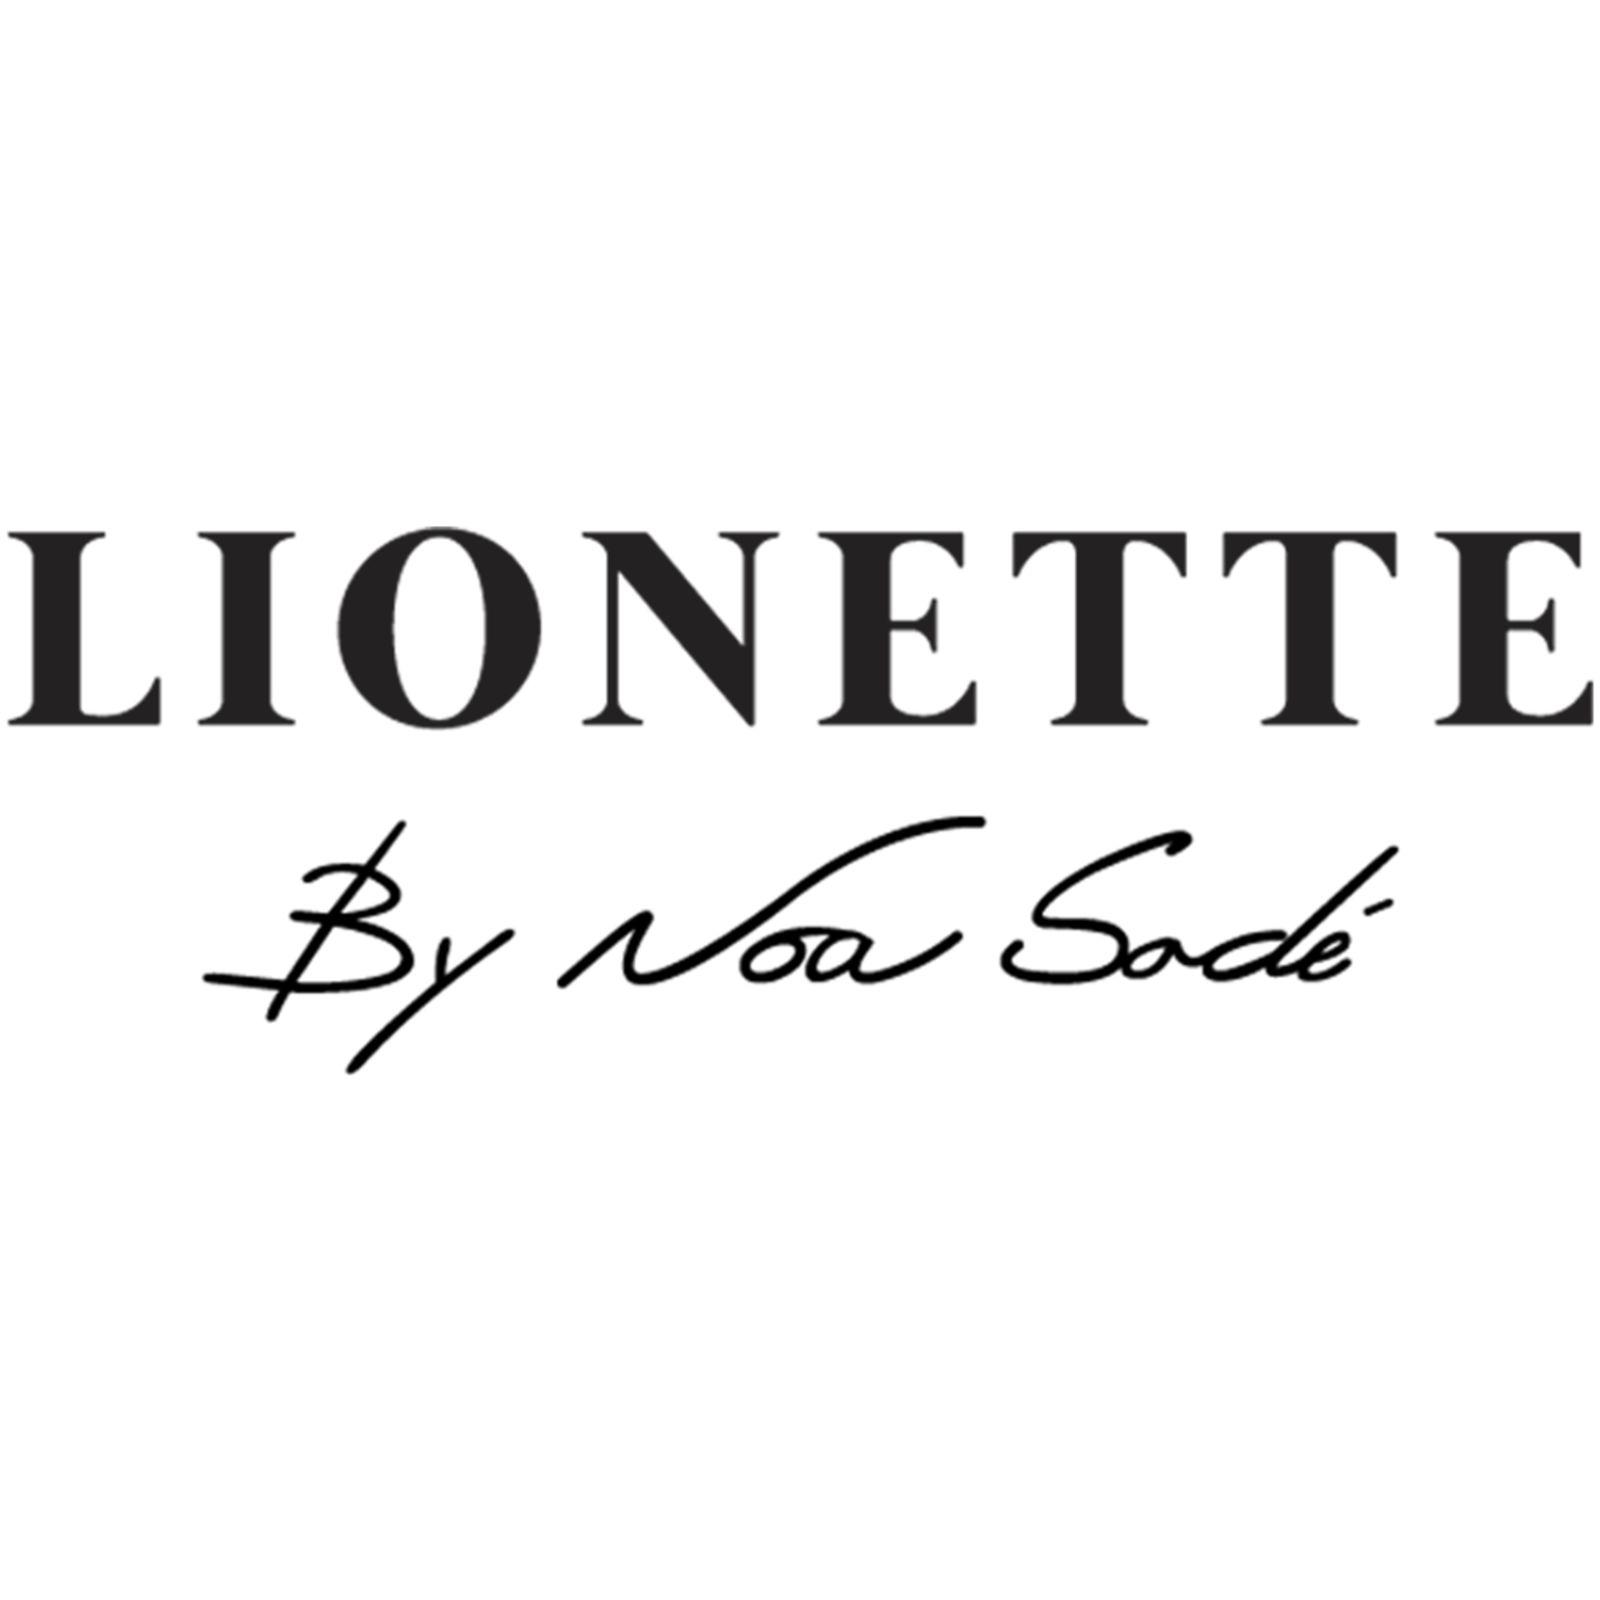 LIONETTE by Noa Sadé